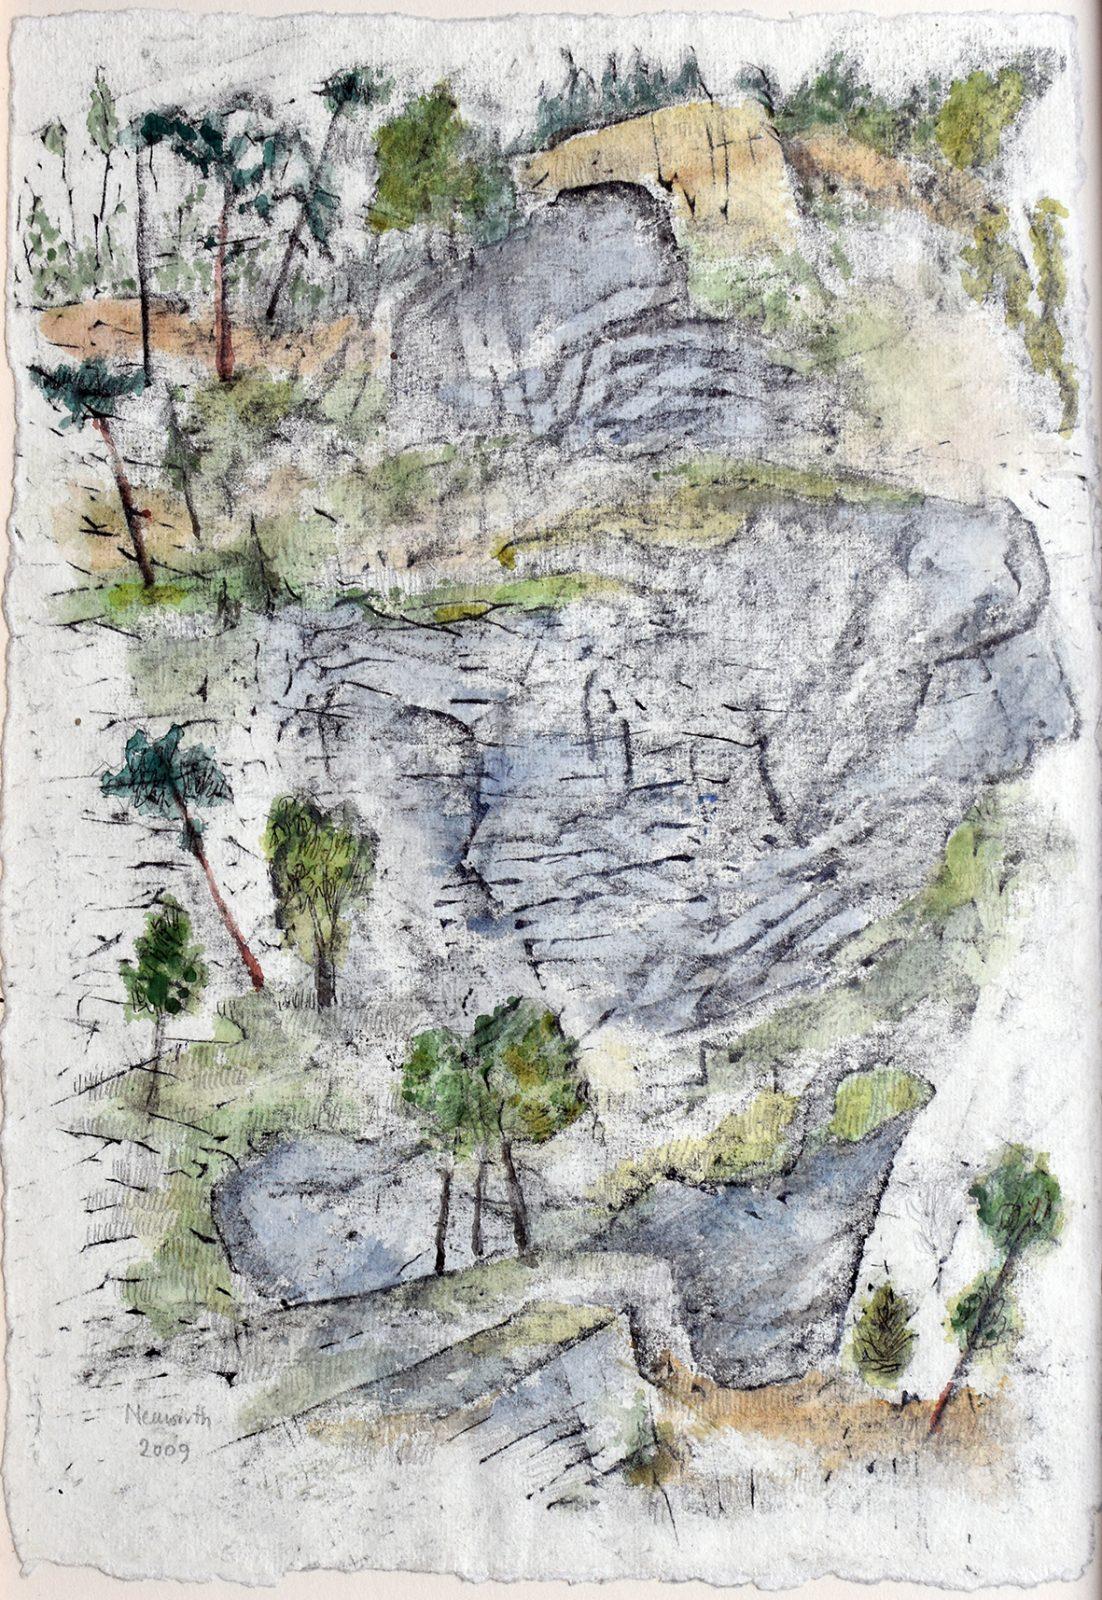 NÖ Waldviertel Galerie Kunst - Arnulf Neuwirth und seine Beziehungen zur ostasiatischen Kunst